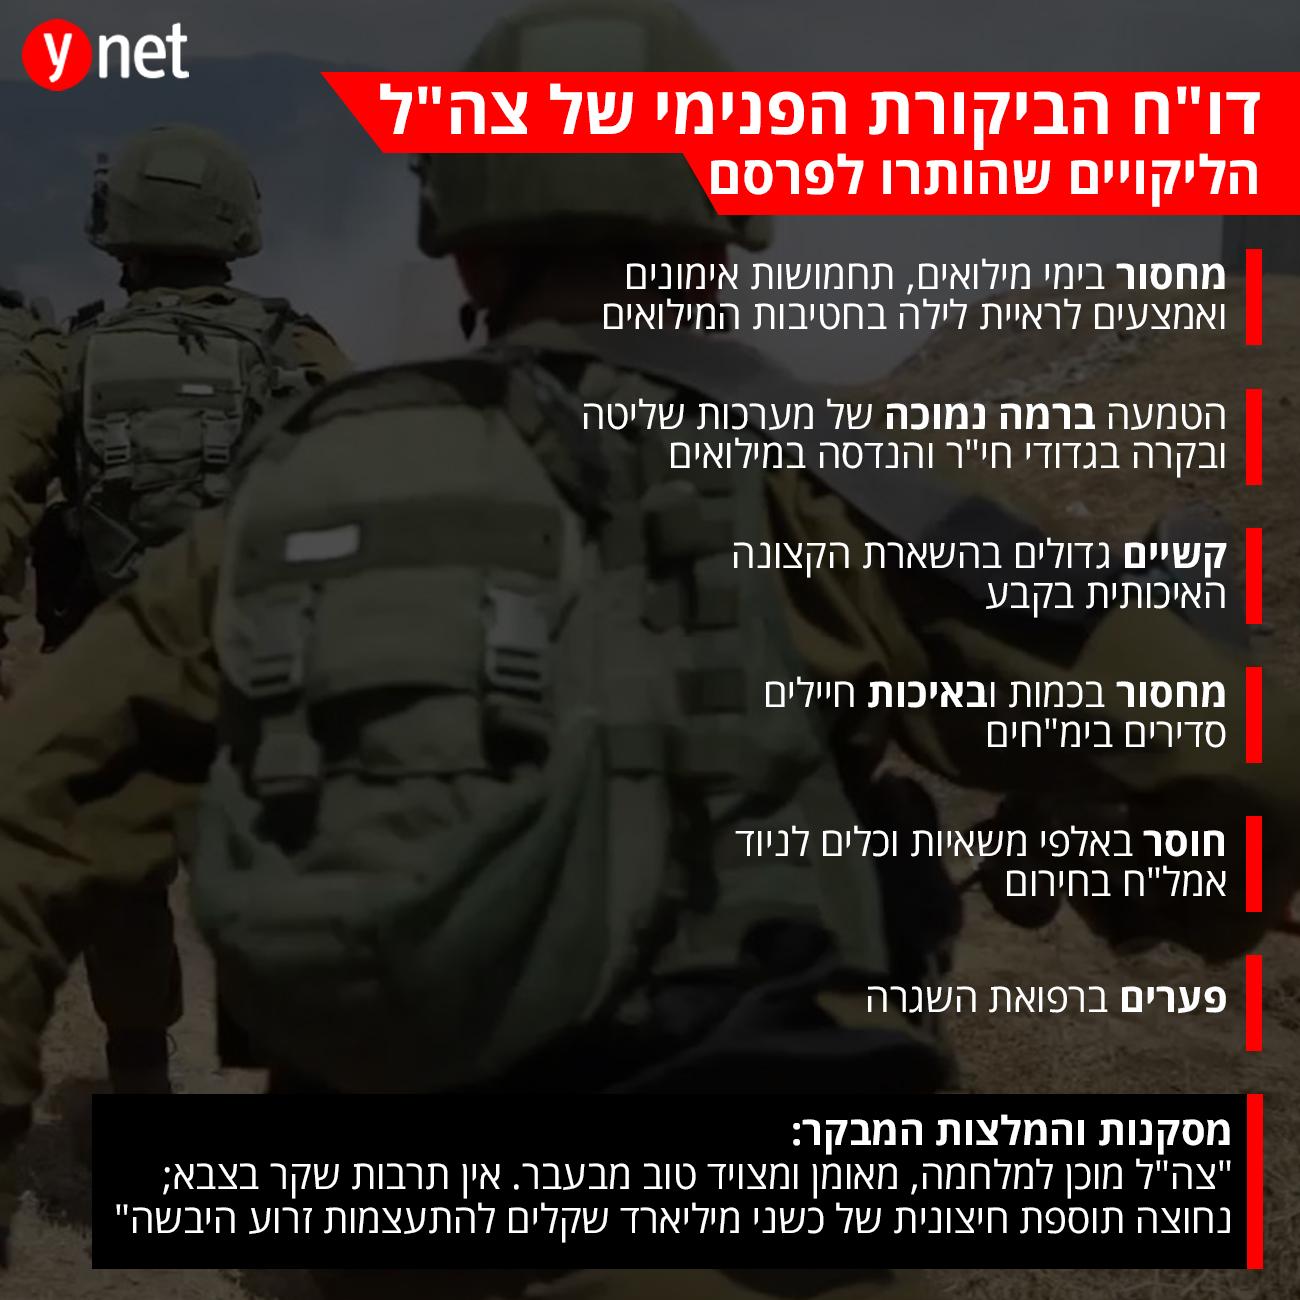 """נציב קבילות החיילים נגד הדו""""חות על מוכנות צה""""ל: """"נשלם מחיר כבד מאוד על הטיוח"""" Wide-article-980"""